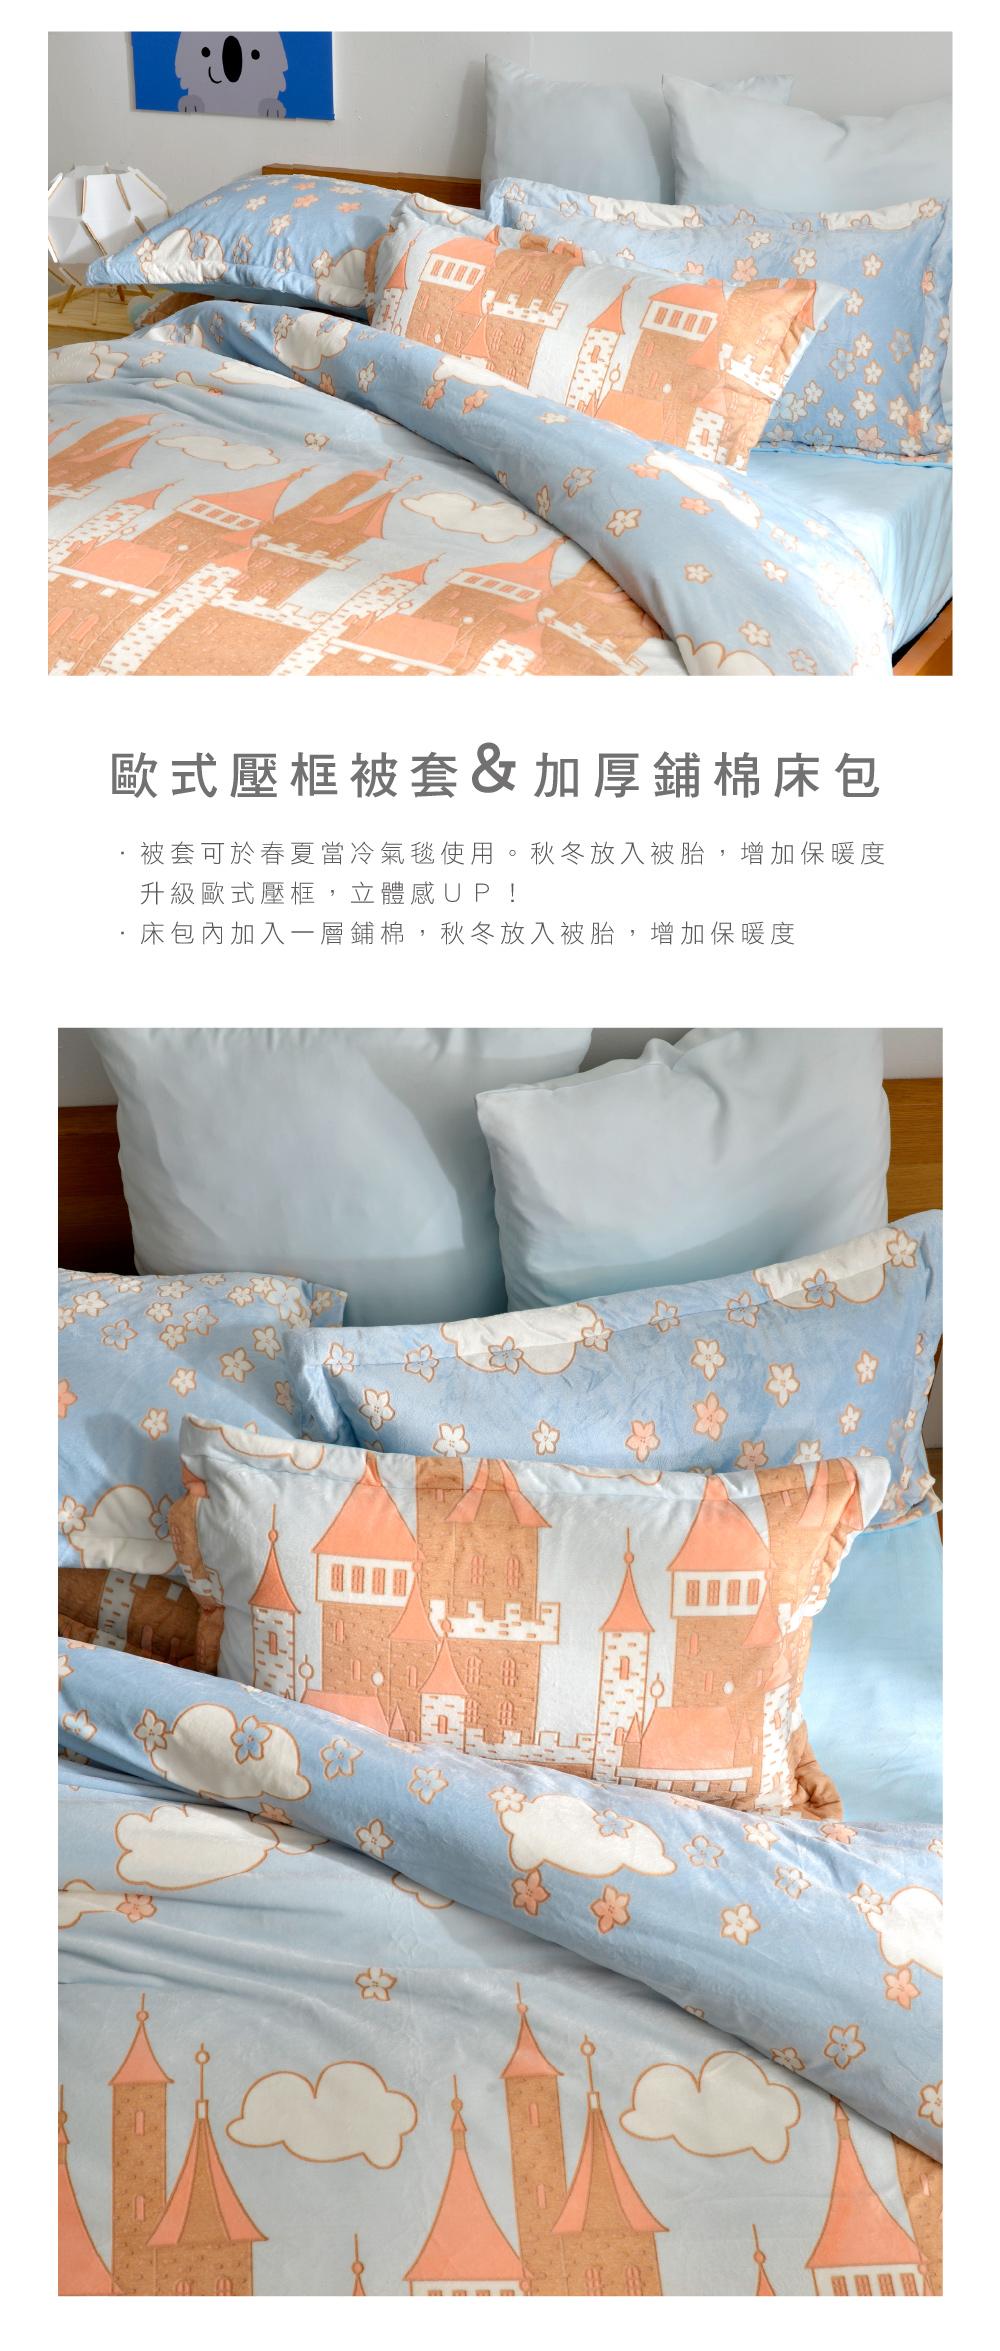 床組,La Belle,雪雕絨